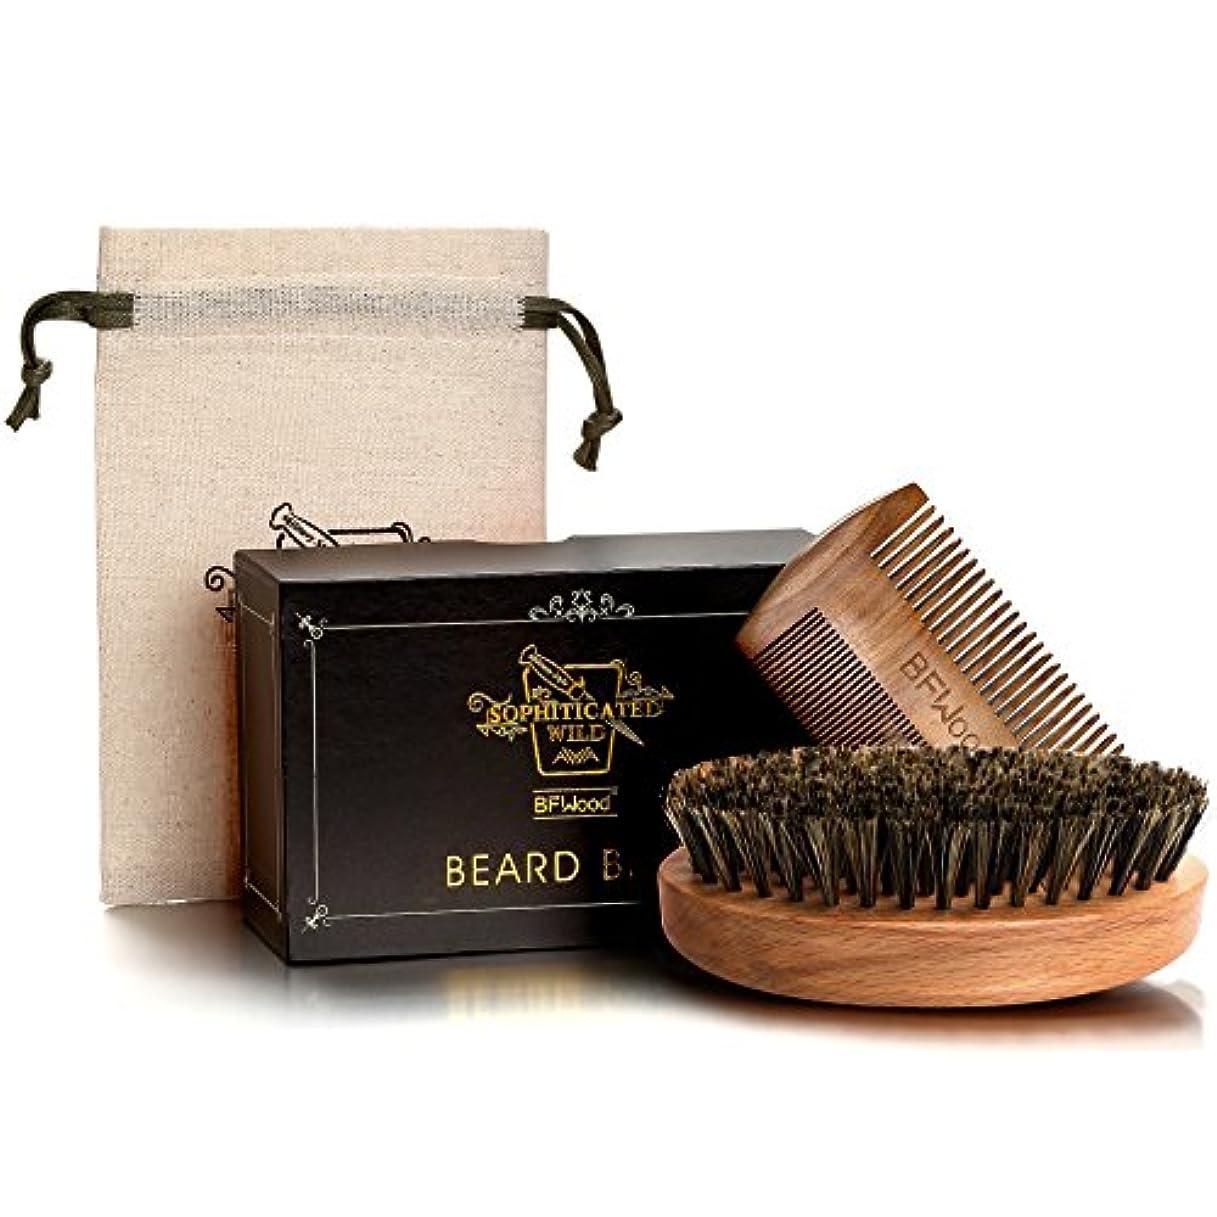 呼吸修士号入学するBFWood Beard Brush Set 豚毛髭ブラシと木製コム アメリカミリタリースタイル (ブラシとコムセット)